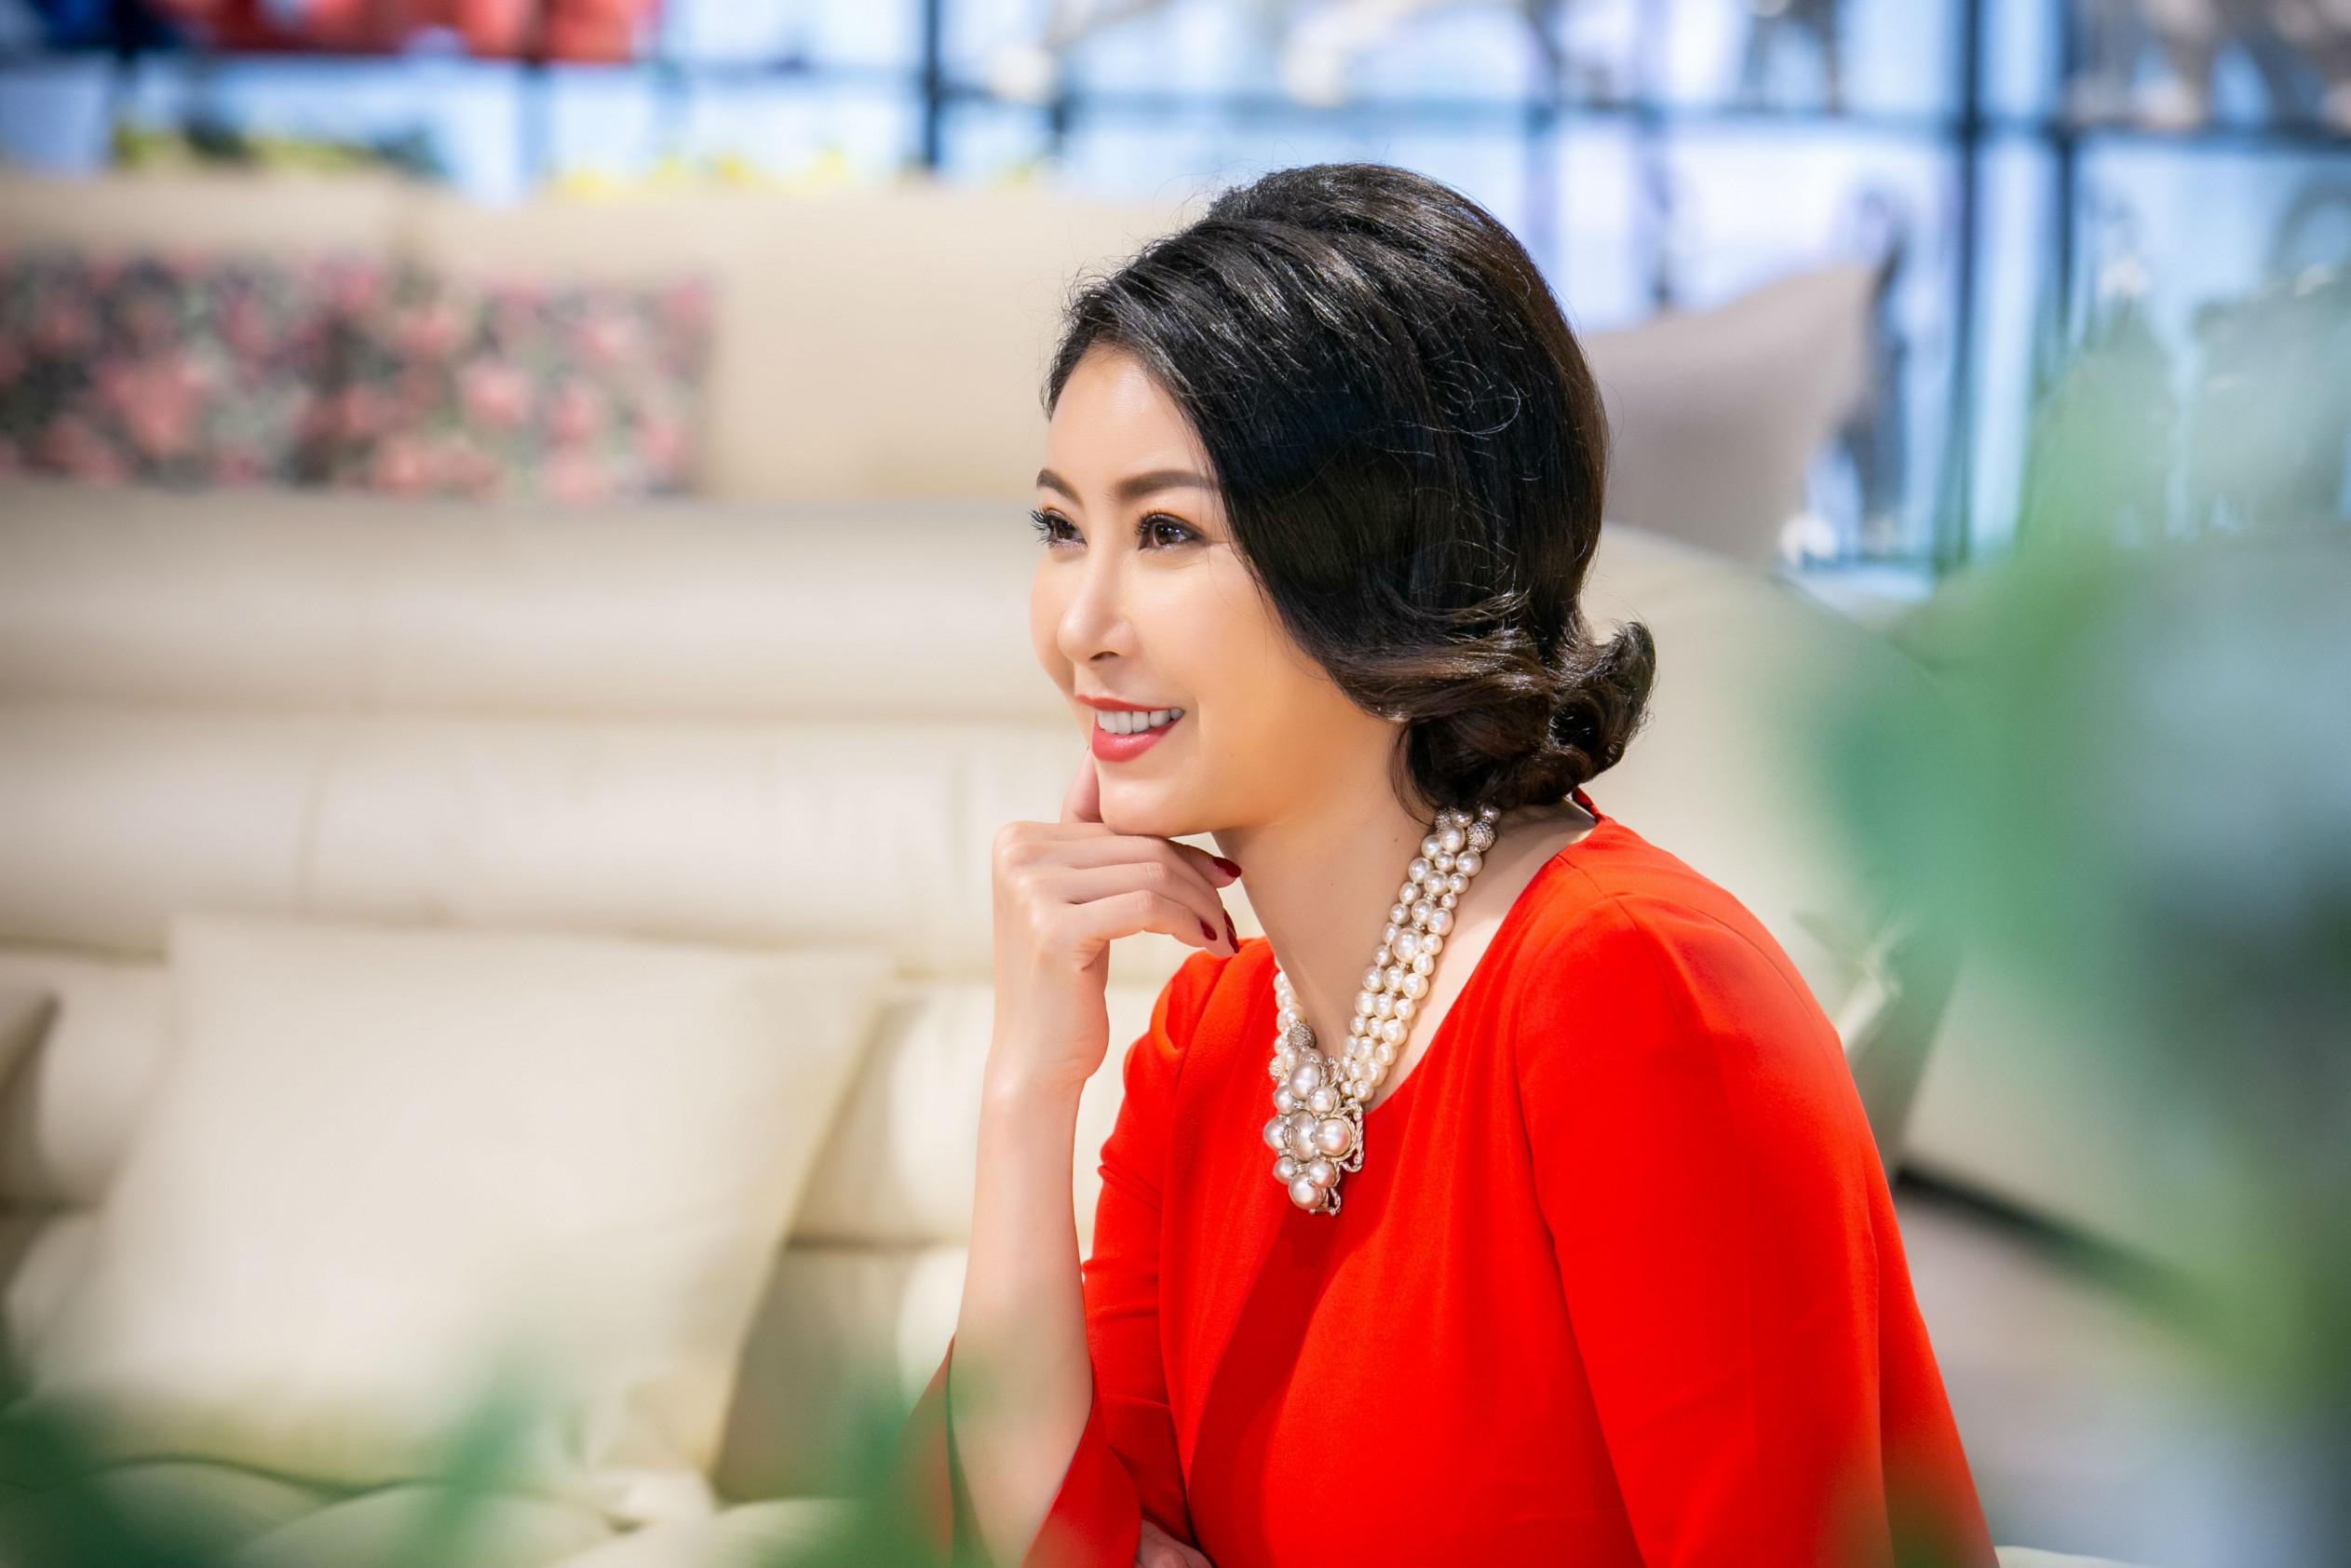 Hoa hậu Hà Kiều Anh quý phái, sang trọng khi diện đầm đỏ kết hợp cùng trang sức ngọc trai đắt tiền